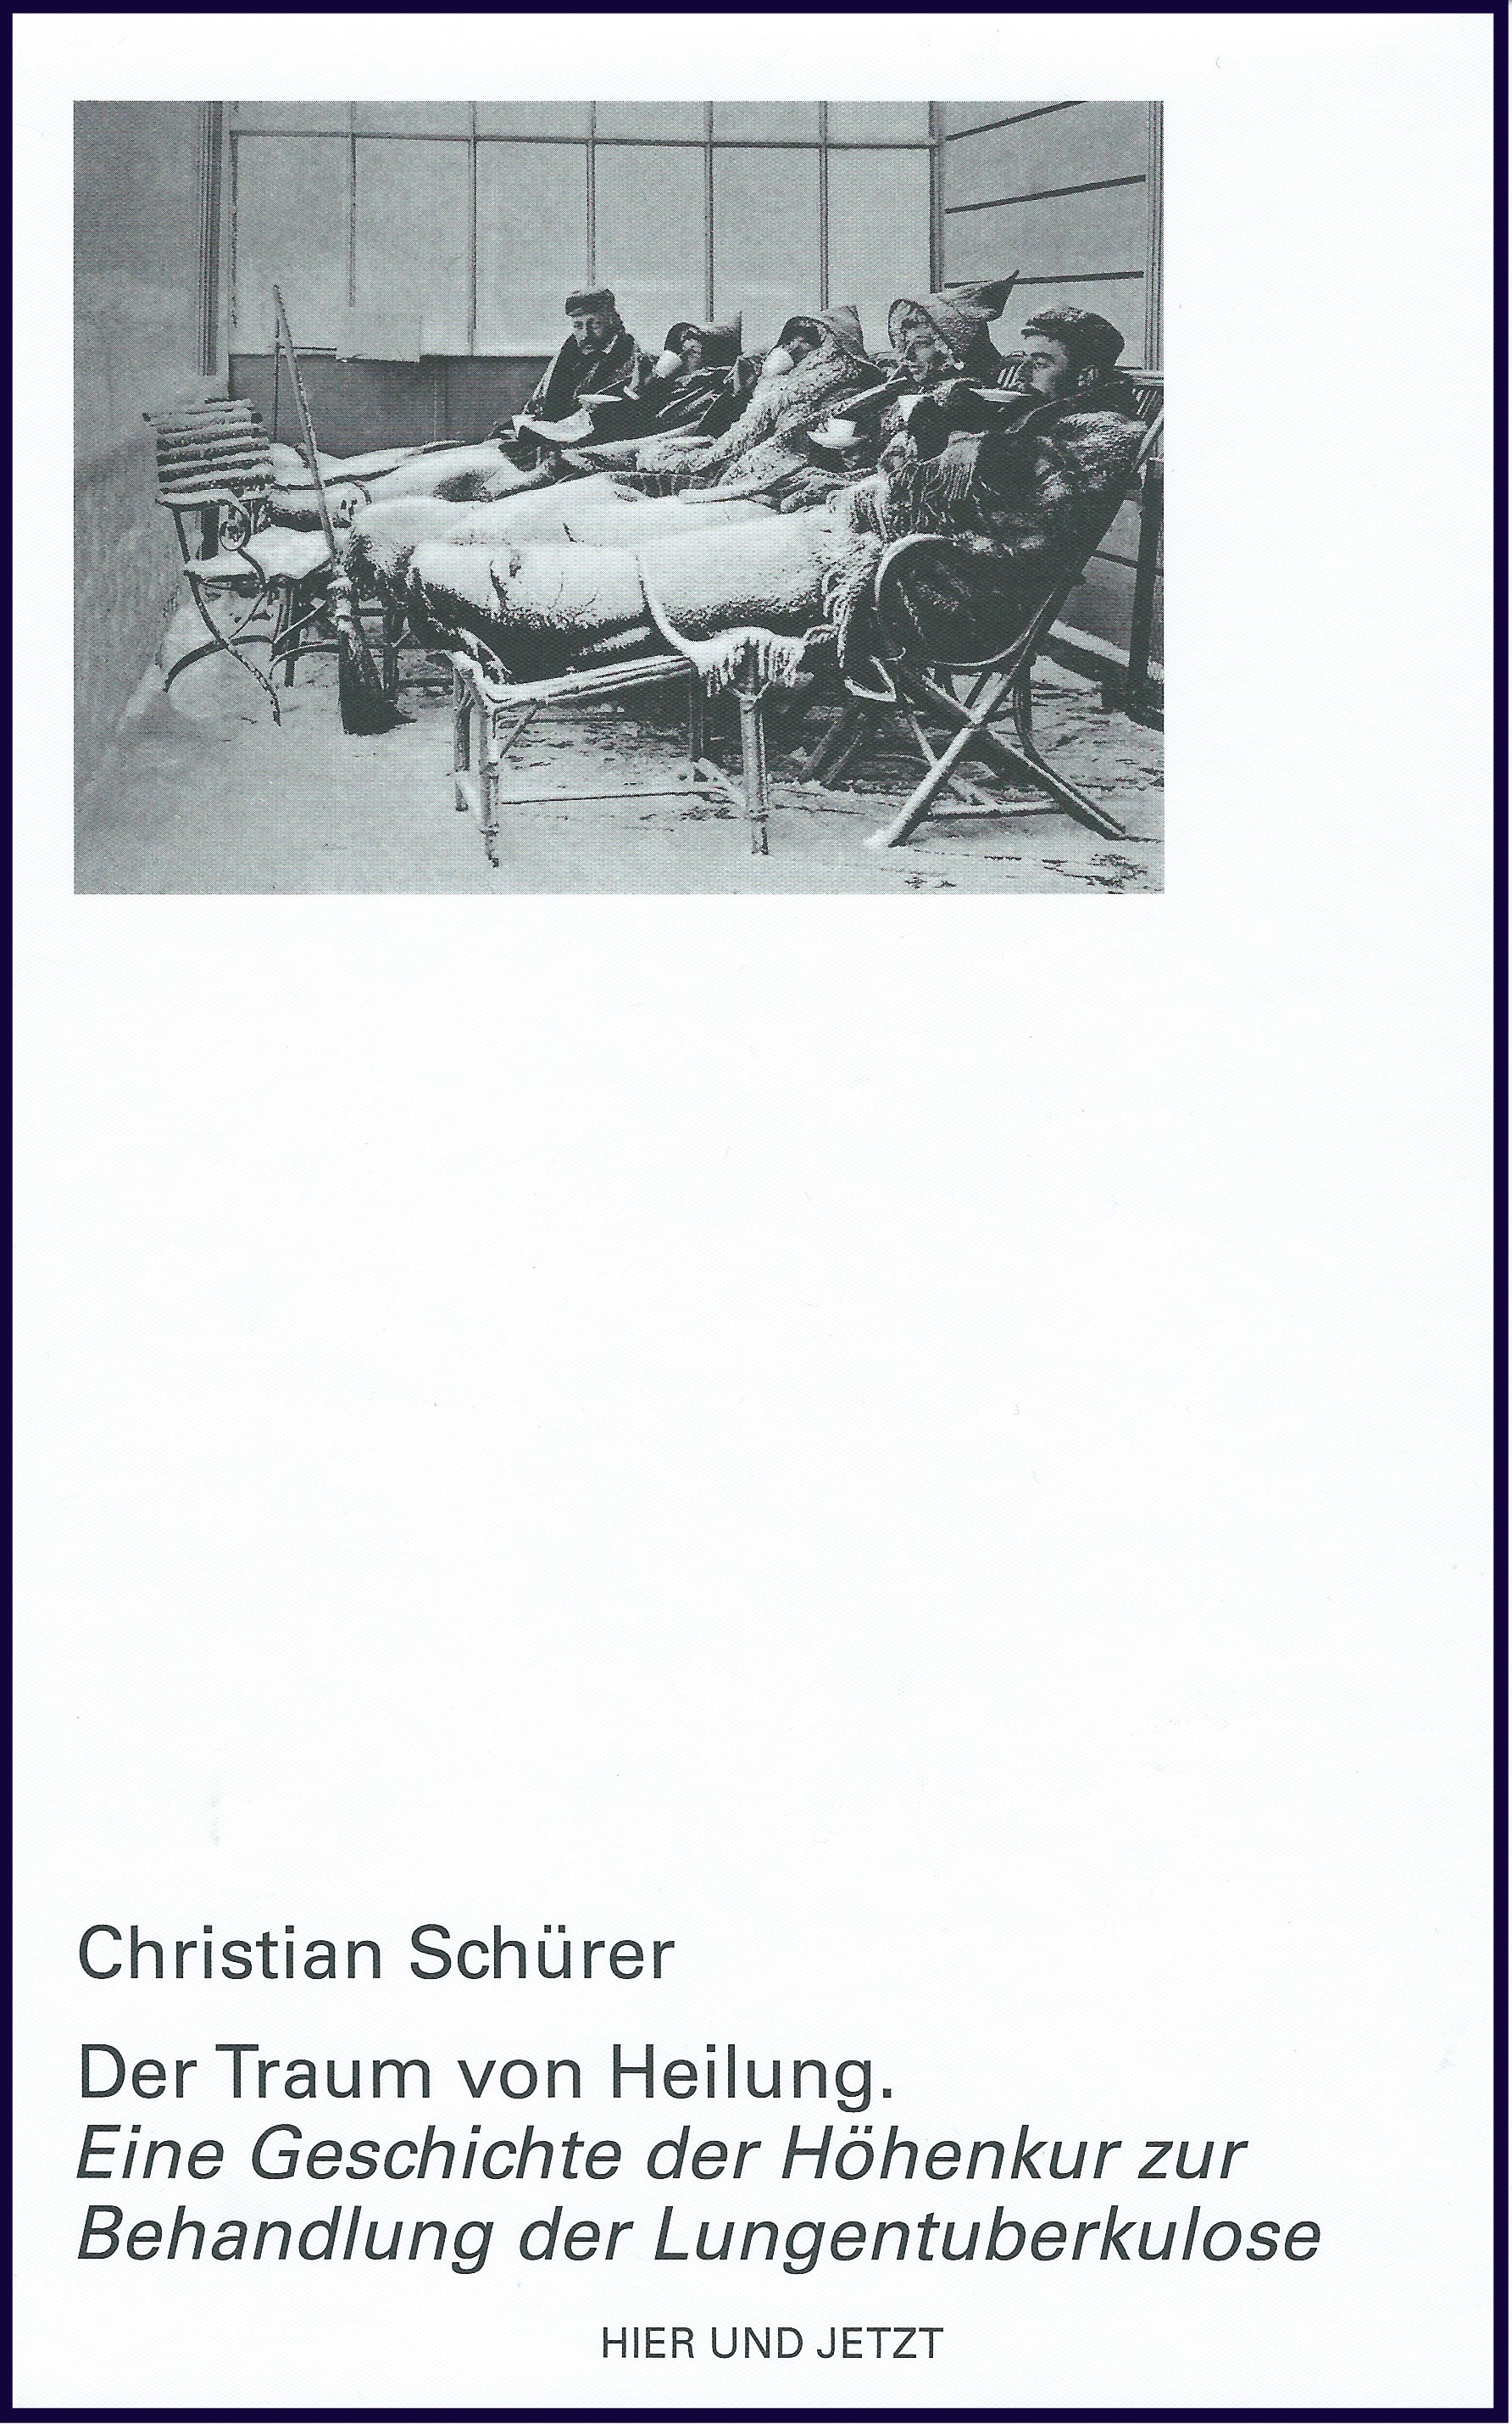 Der Traum von Heilung « Bergliteratur